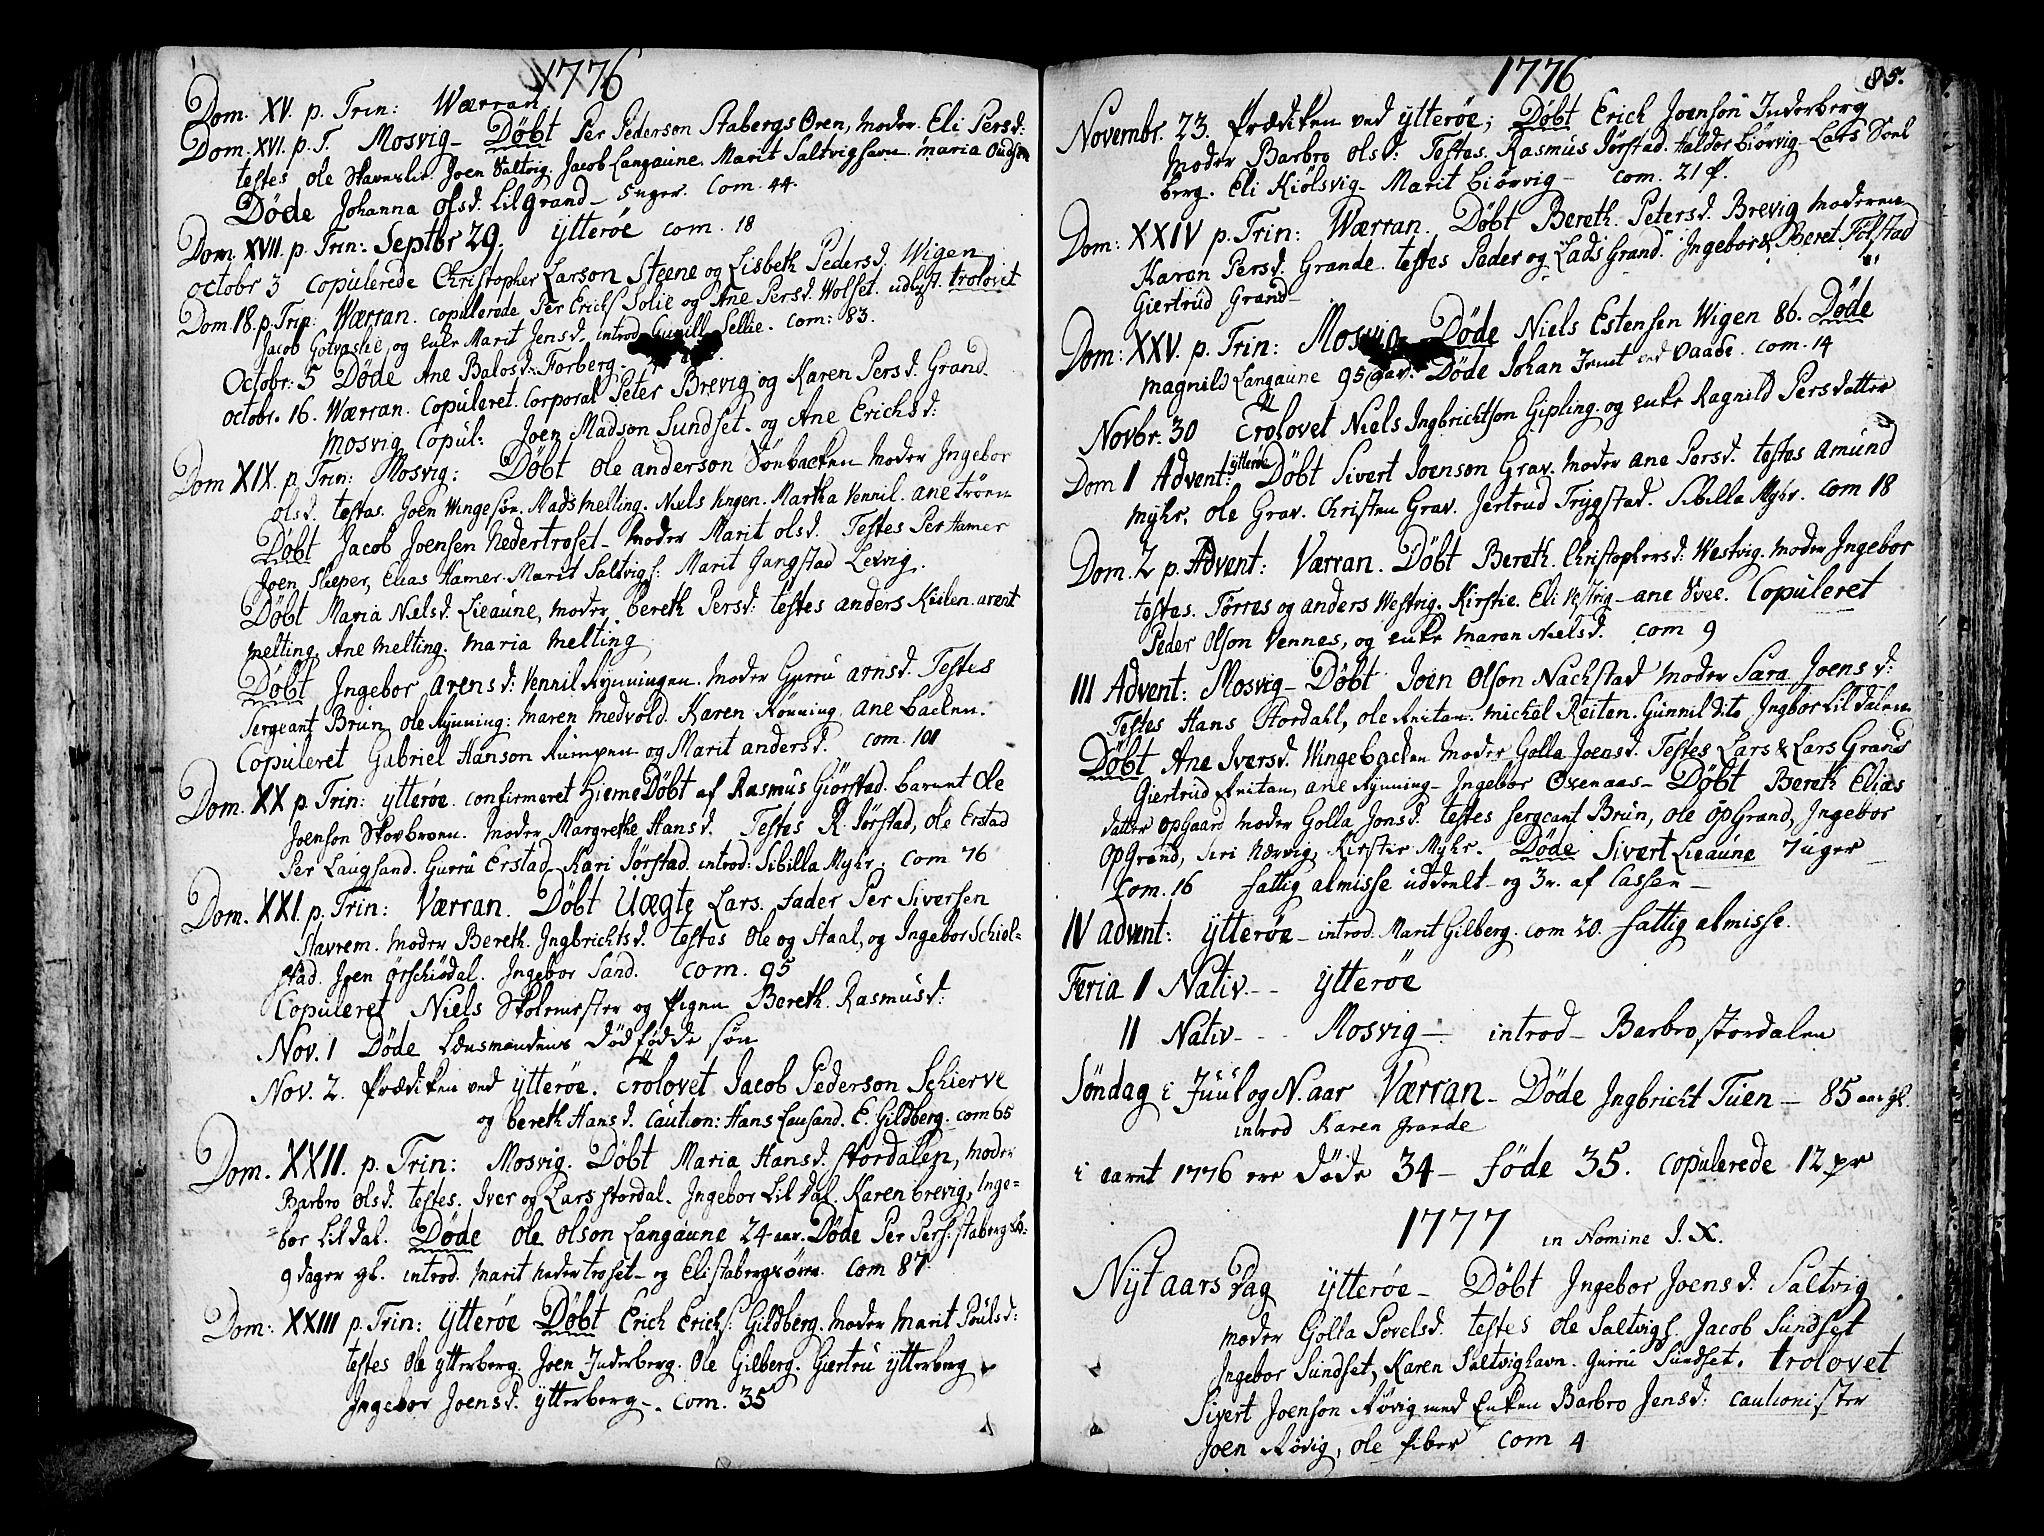 SAT, Ministerialprotokoller, klokkerbøker og fødselsregistre - Nord-Trøndelag, 722/L0216: Ministerialbok nr. 722A03, 1756-1816, s. 85